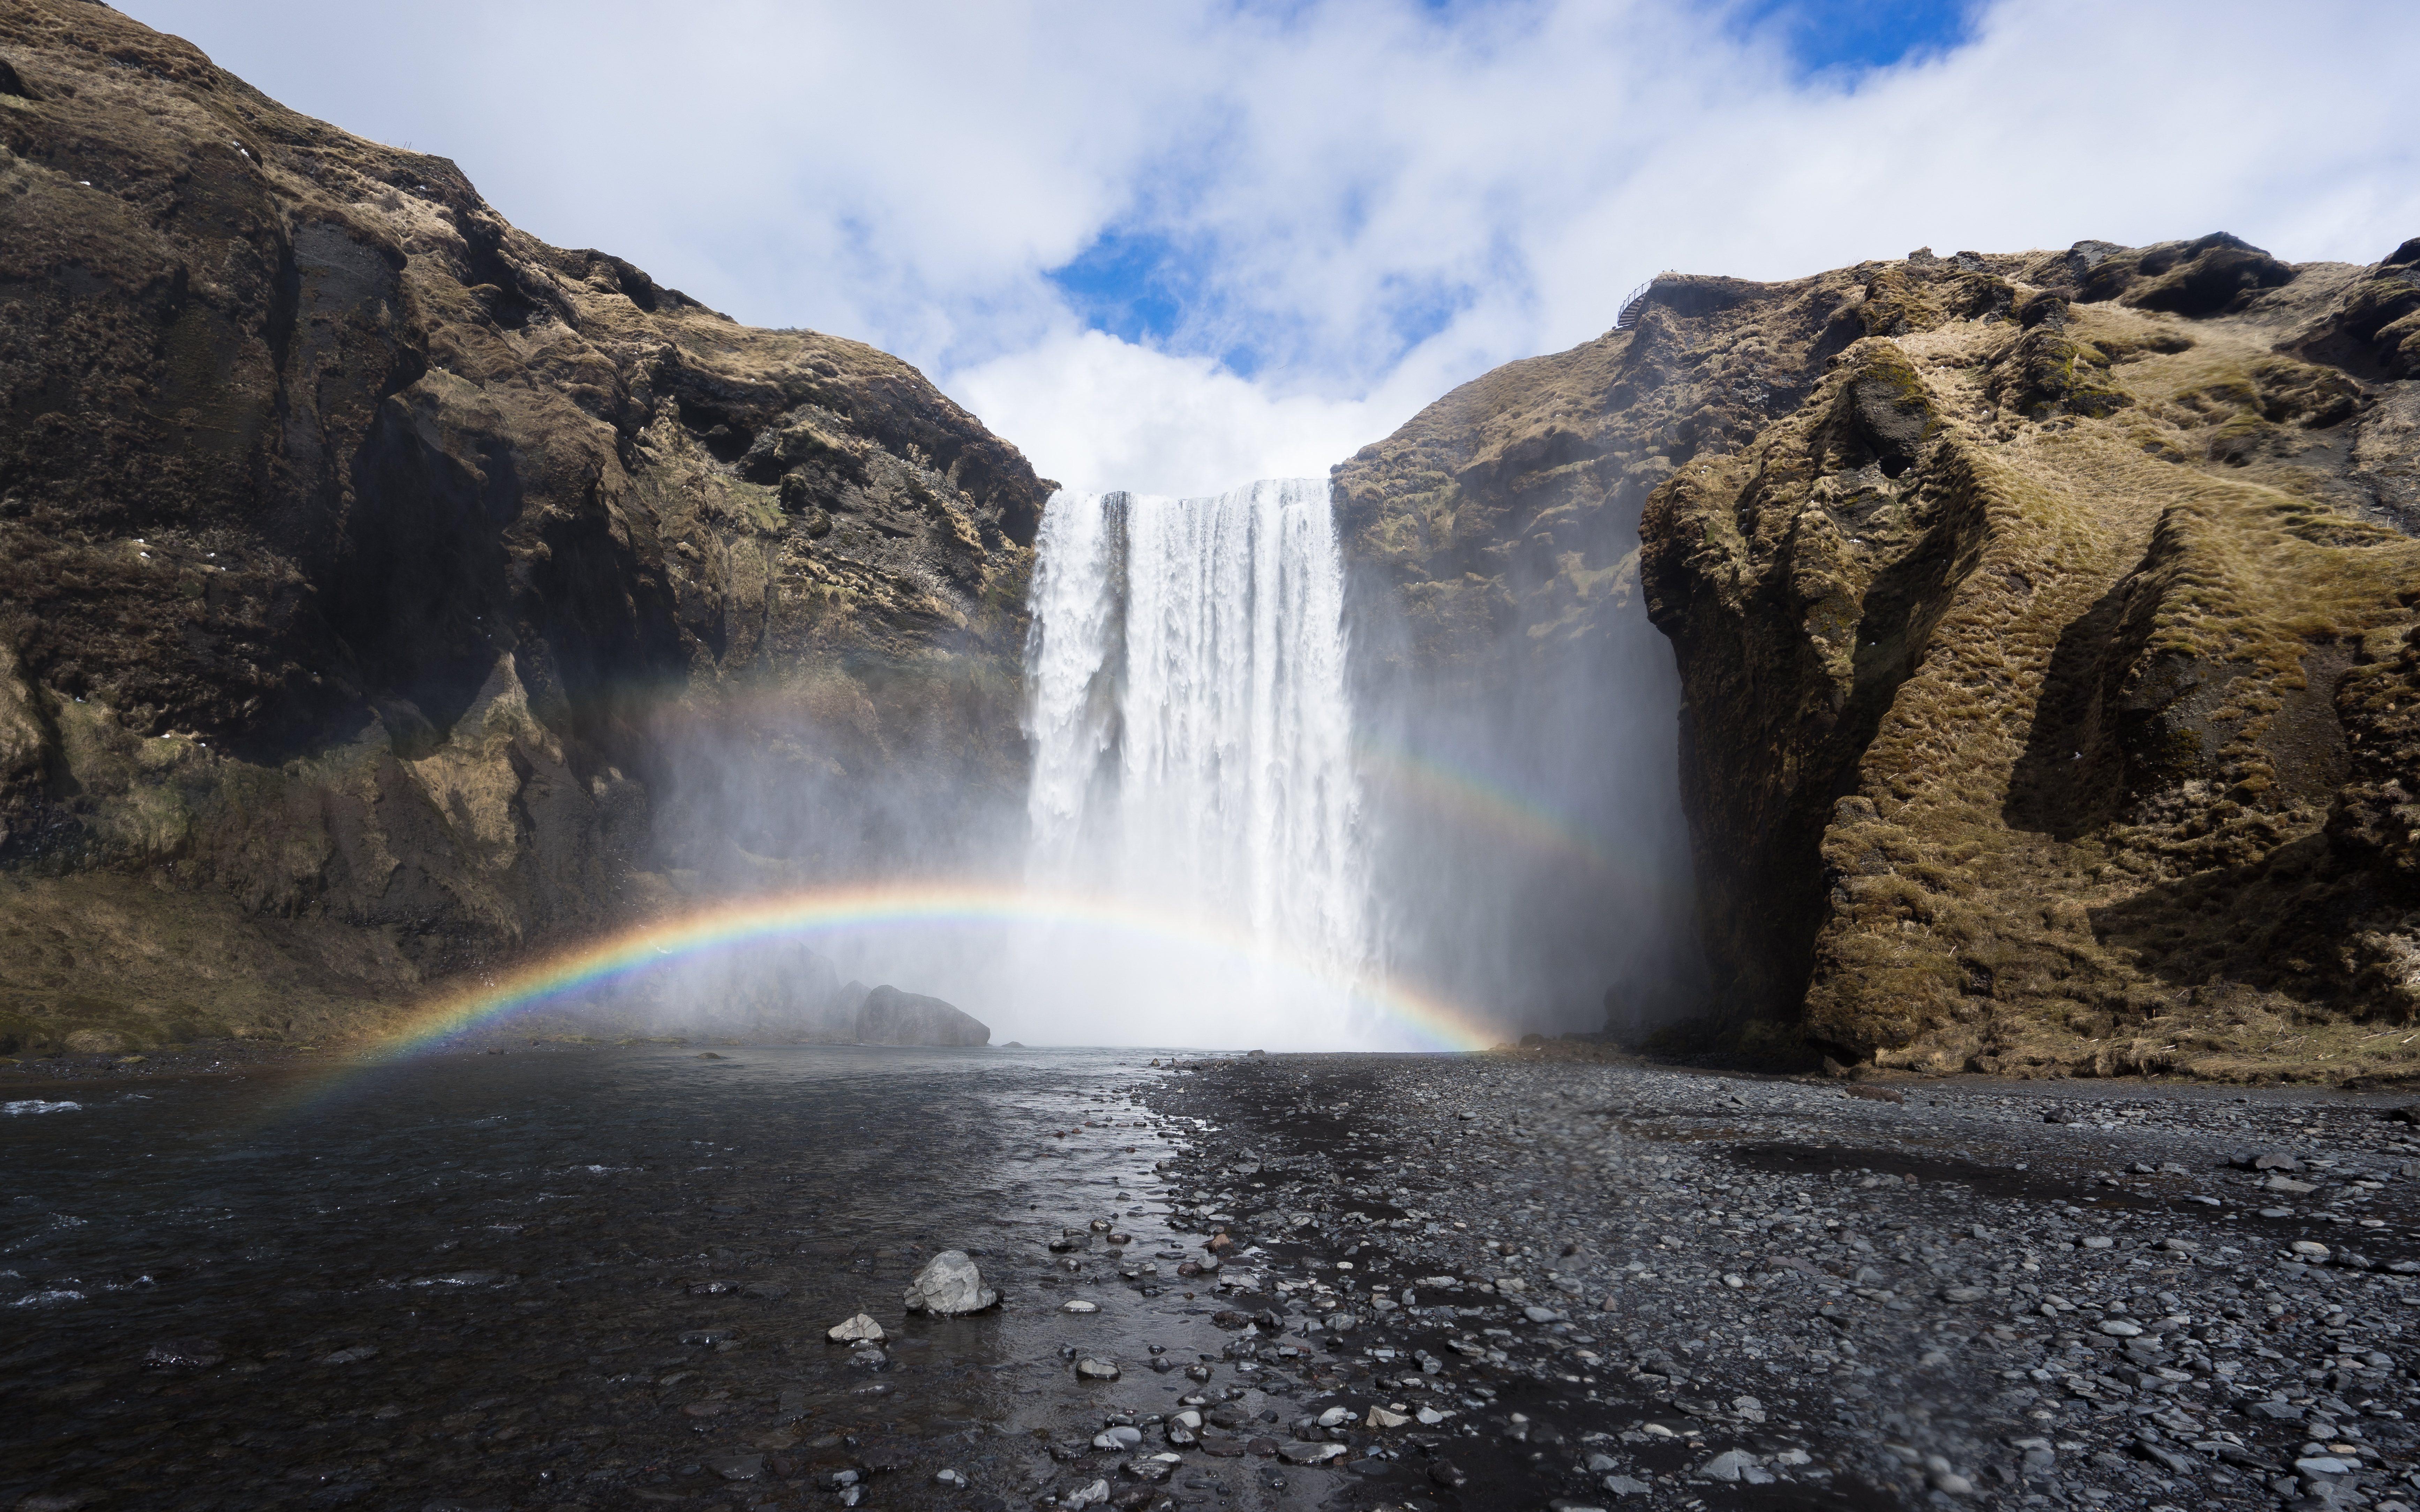 Un arco iris formado por el sol y el rocío de la poderosa cascada Skógafoss.